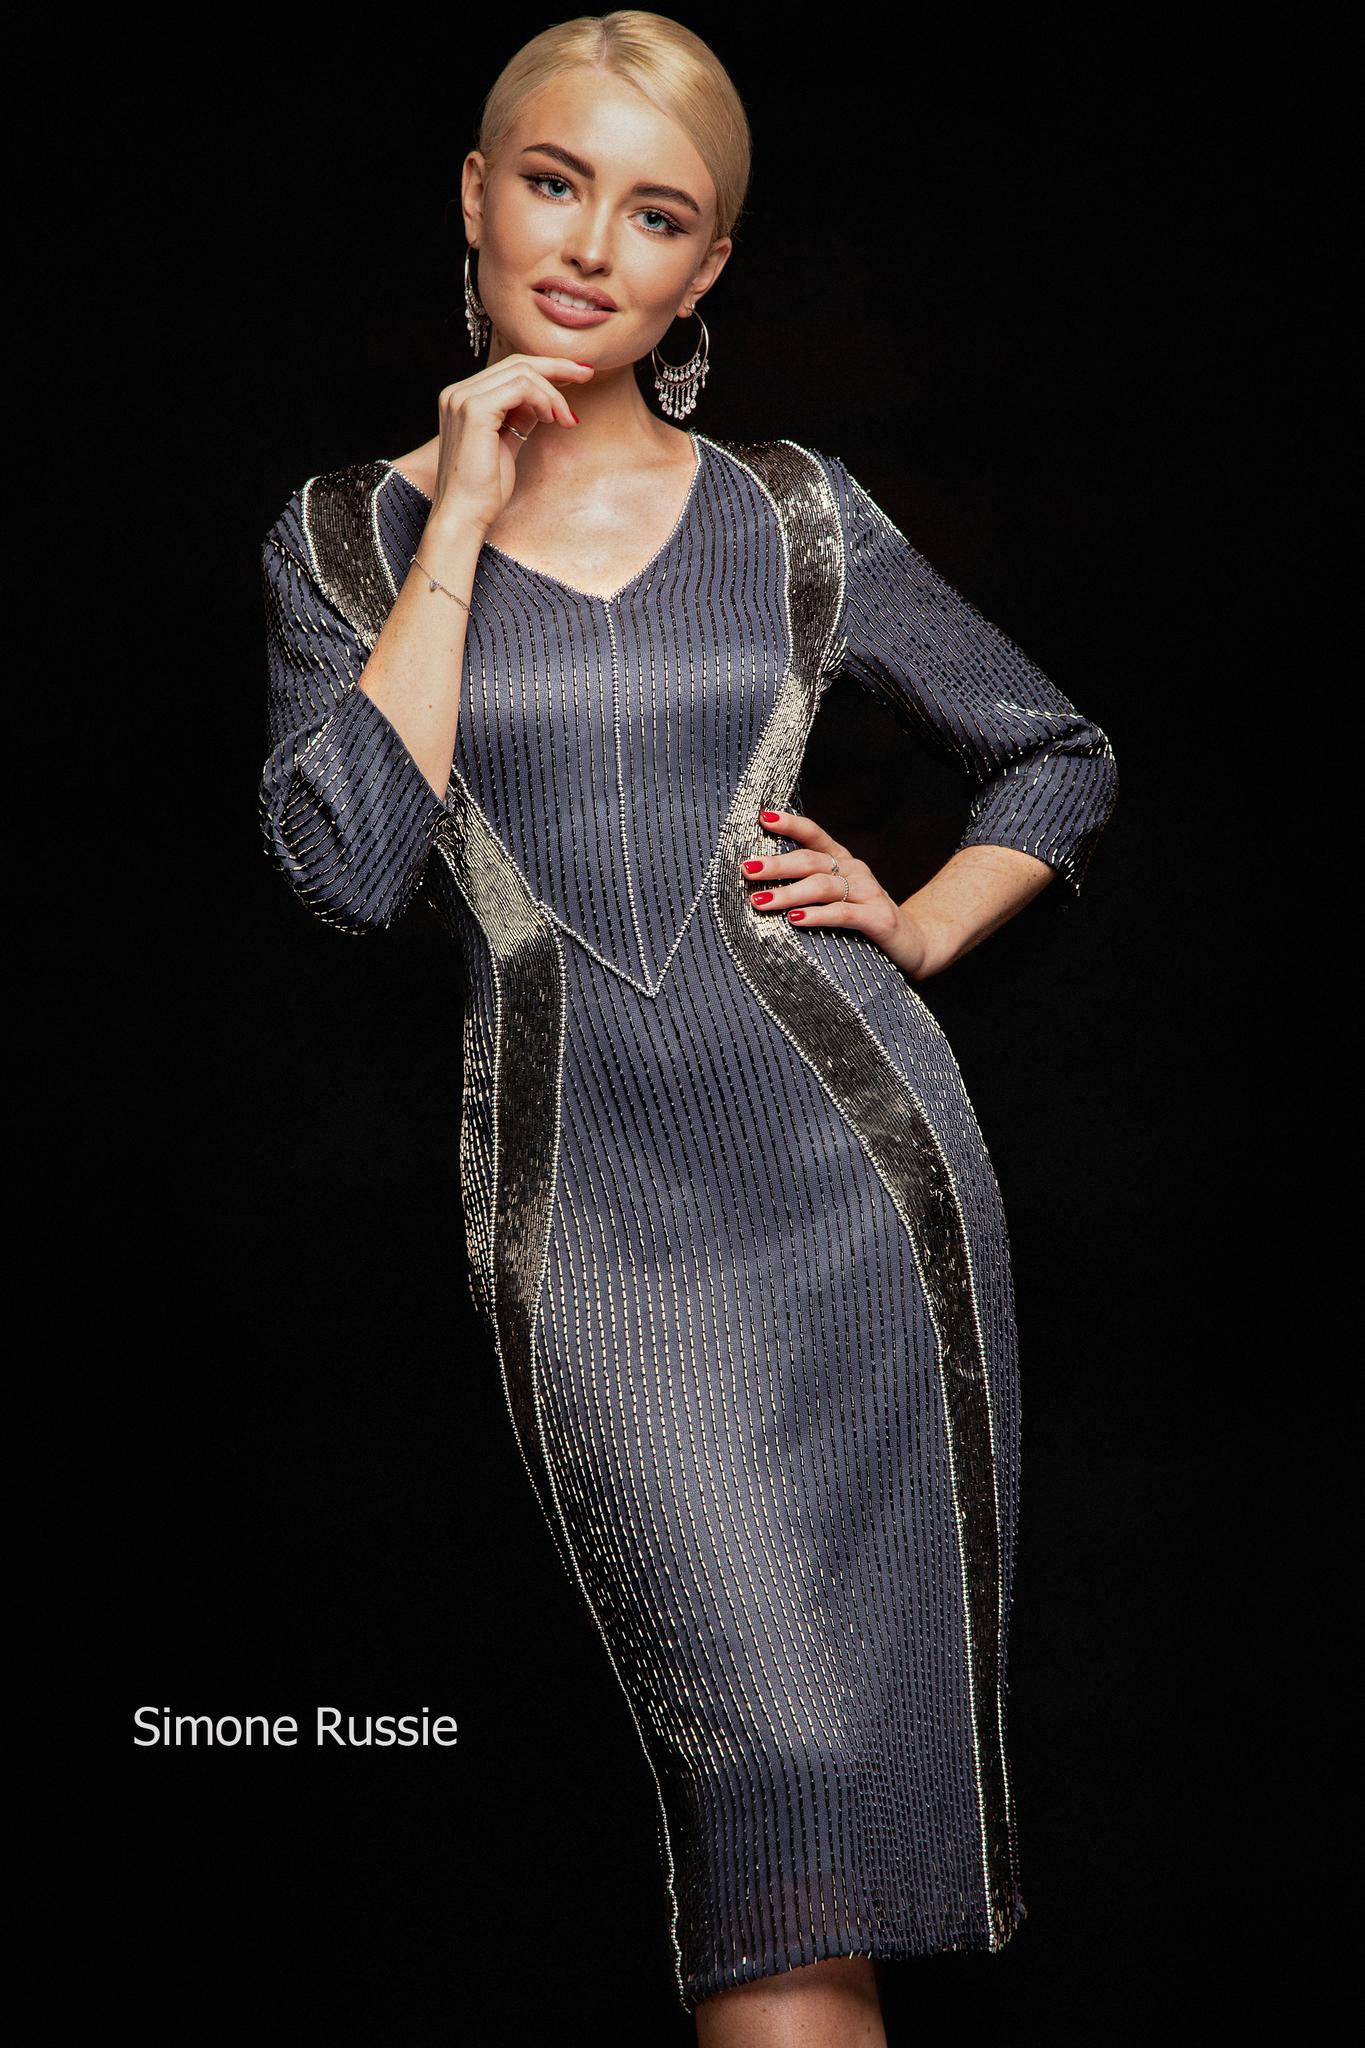 Simone Russie SR1940 Силуэтное платье средней длины в цвете платина